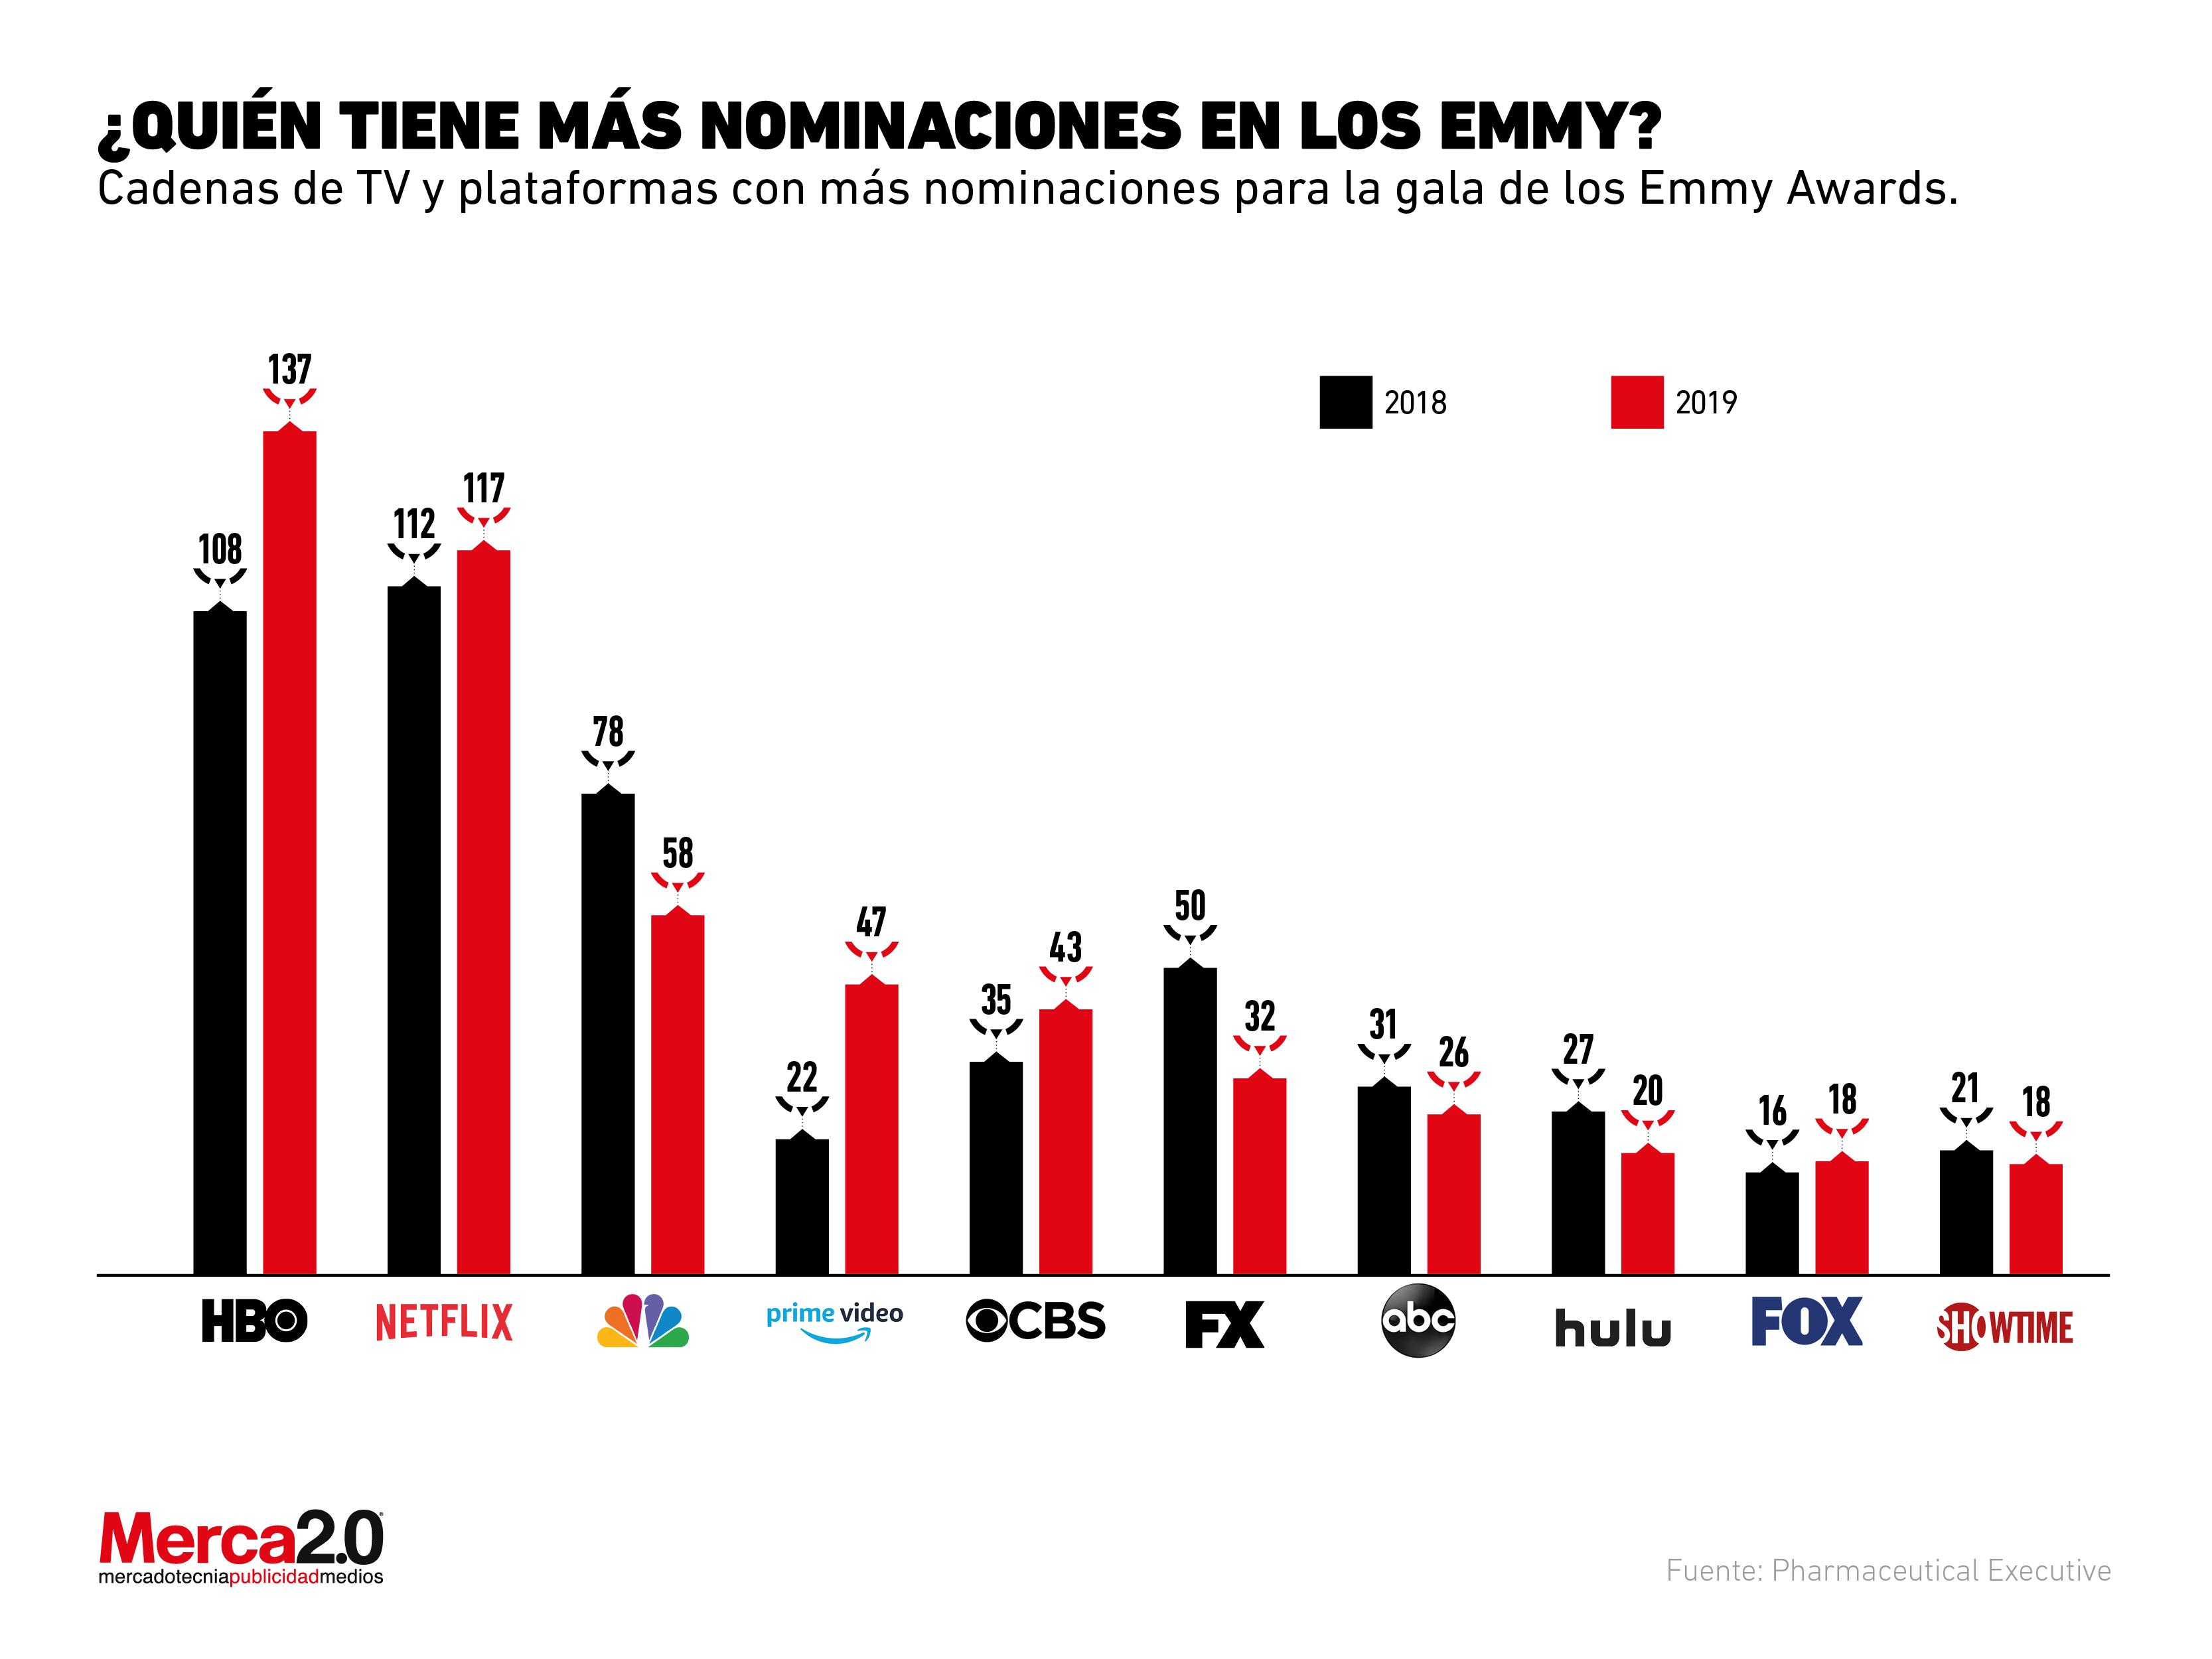 Las compañías con más nominaciones para los Emmy